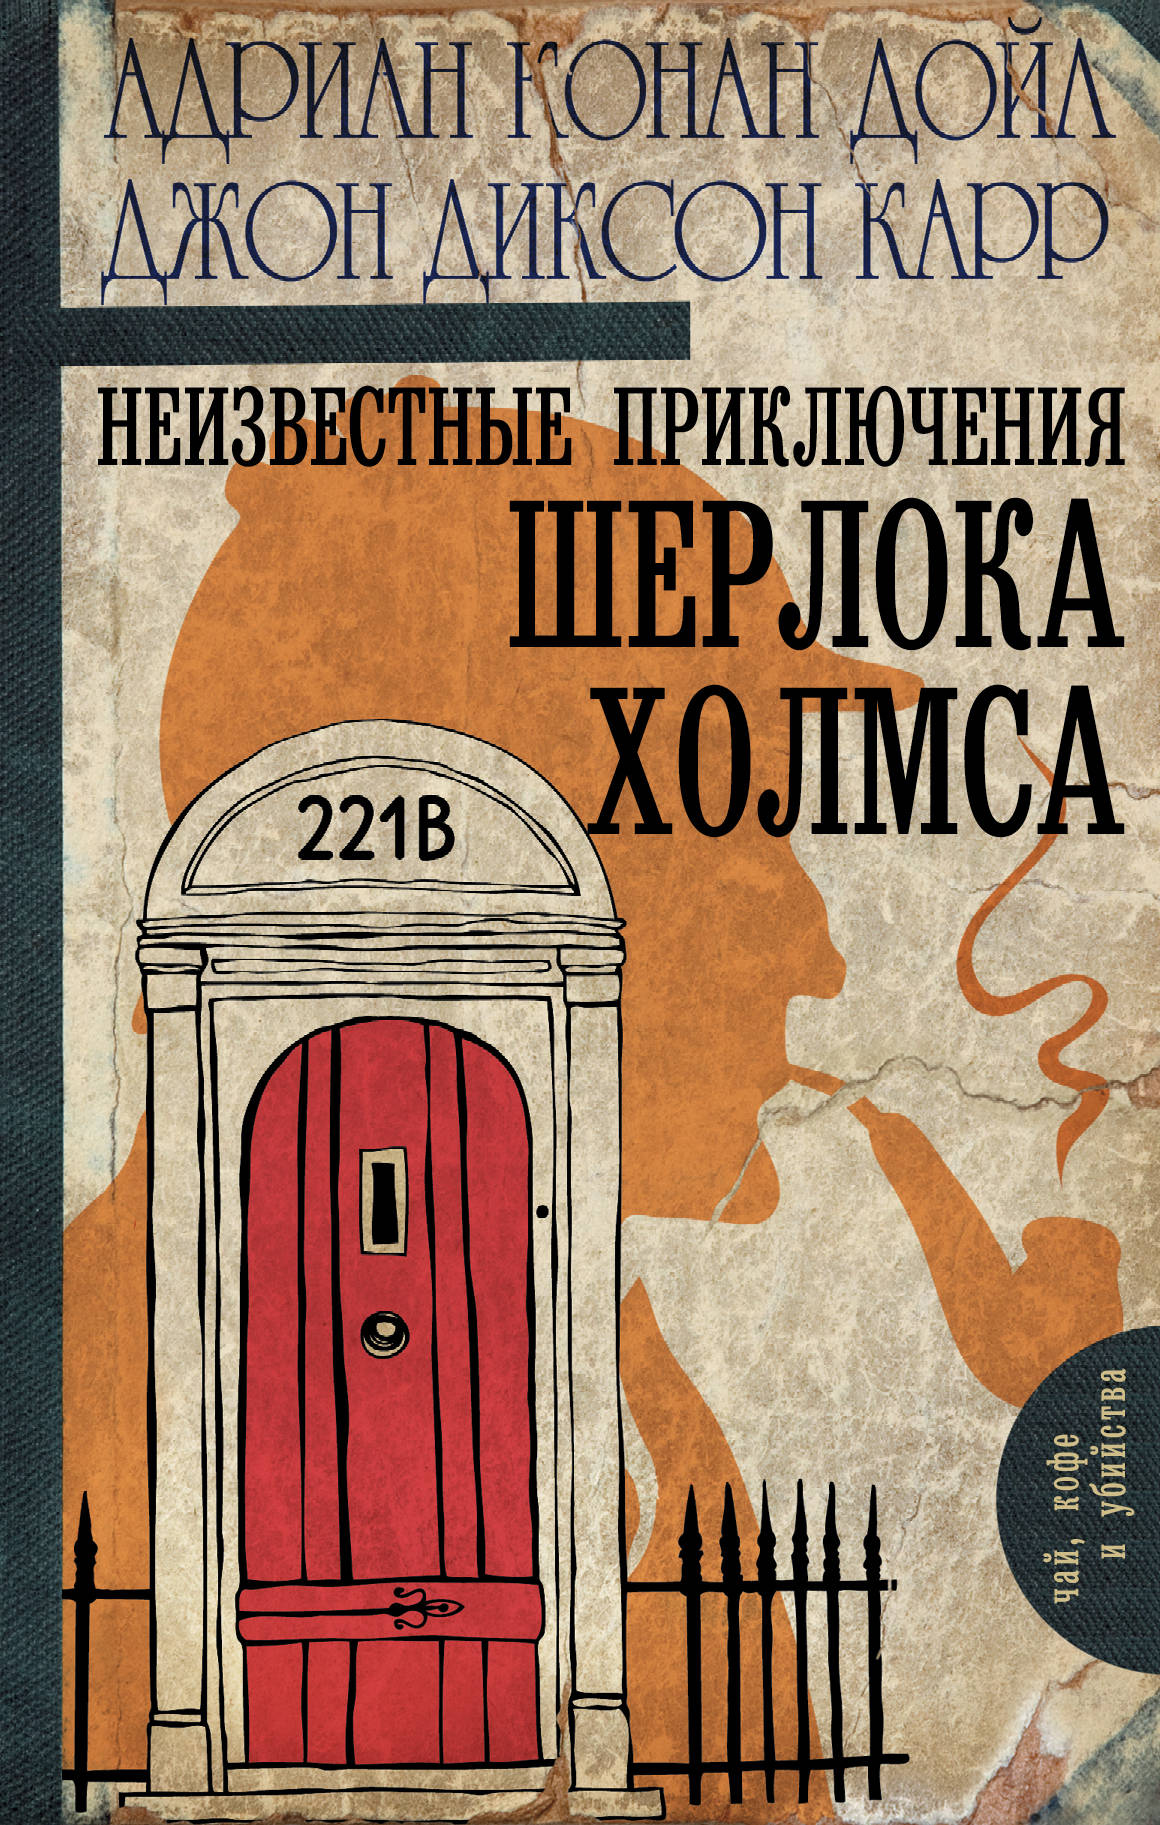 Дойл А. Неизвестные приключения Шерлока Холмса артур конан дойл его прощальный поклон сборник